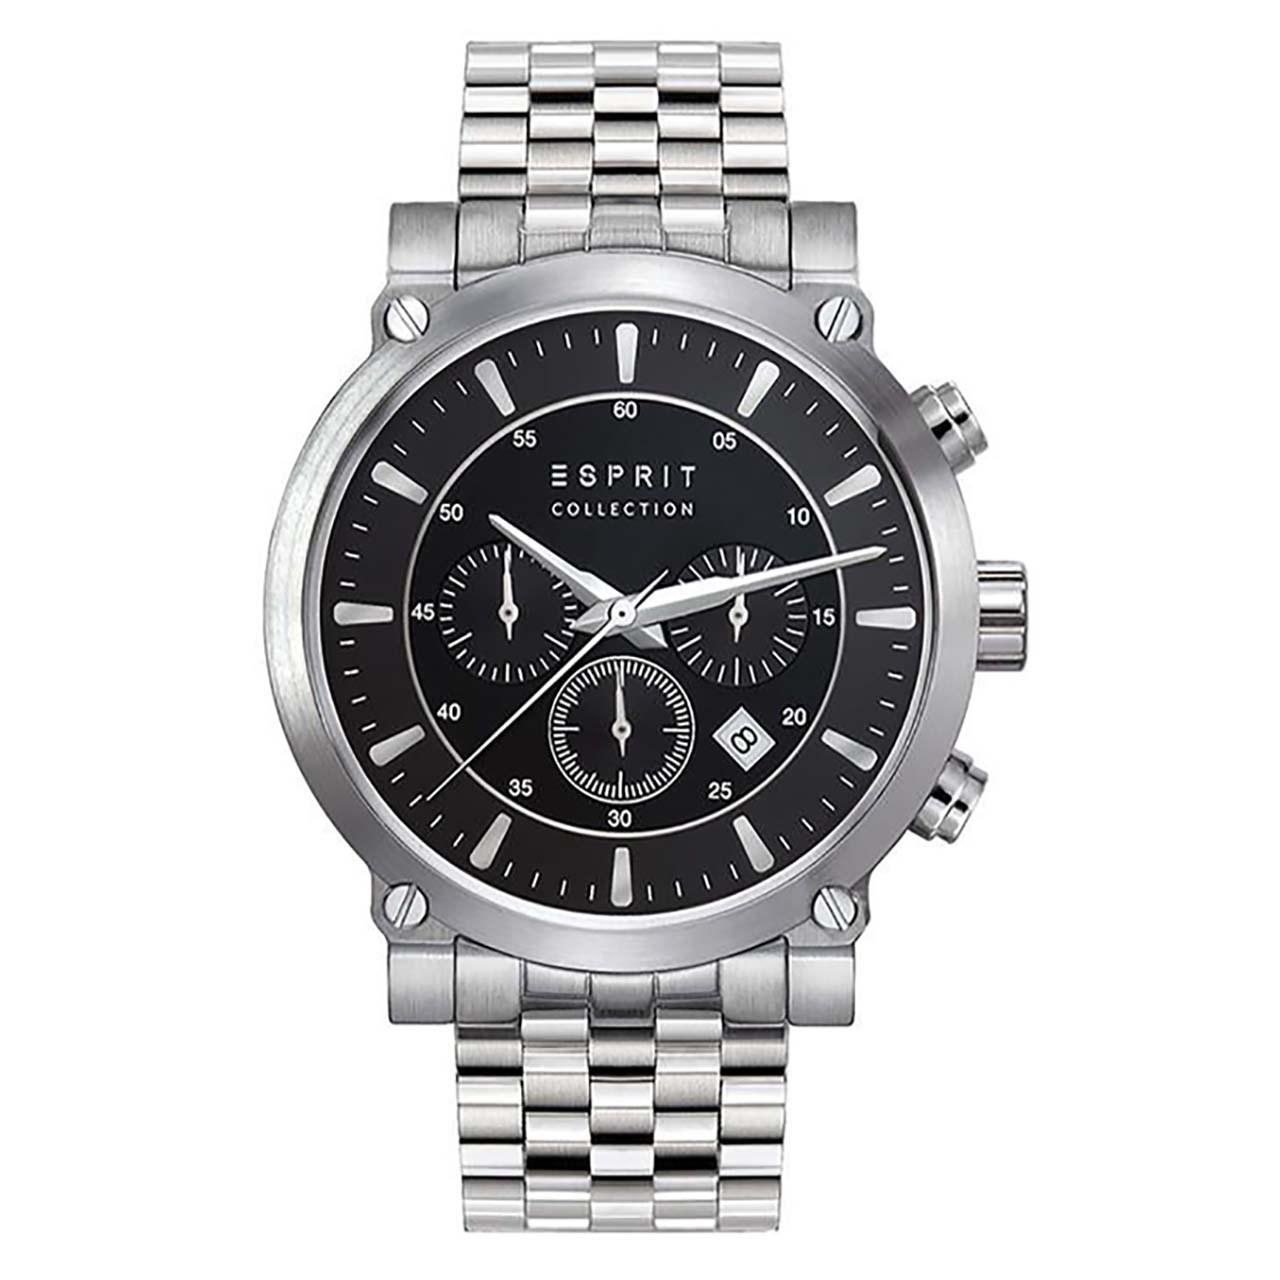 ساعت مچی عقربه ای مردانه  اسپریت مدل EL102121F08 31